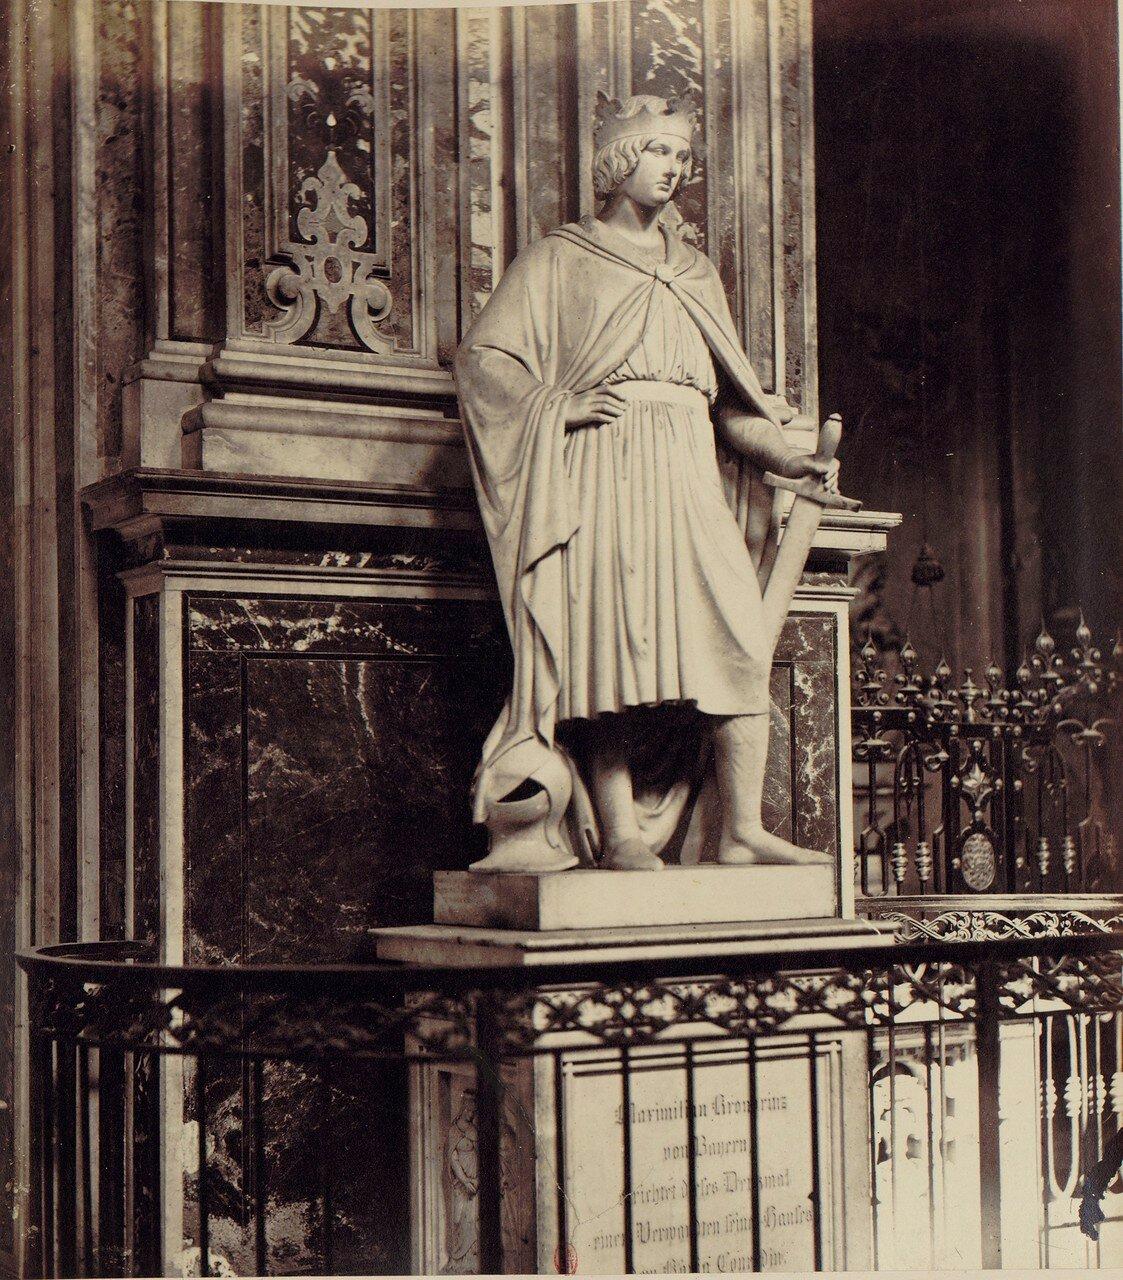 45. Церковь Санта Мария дель Кармине. Статуя князя Конрада, созданная по заказу короля Баварии Максимилиана II